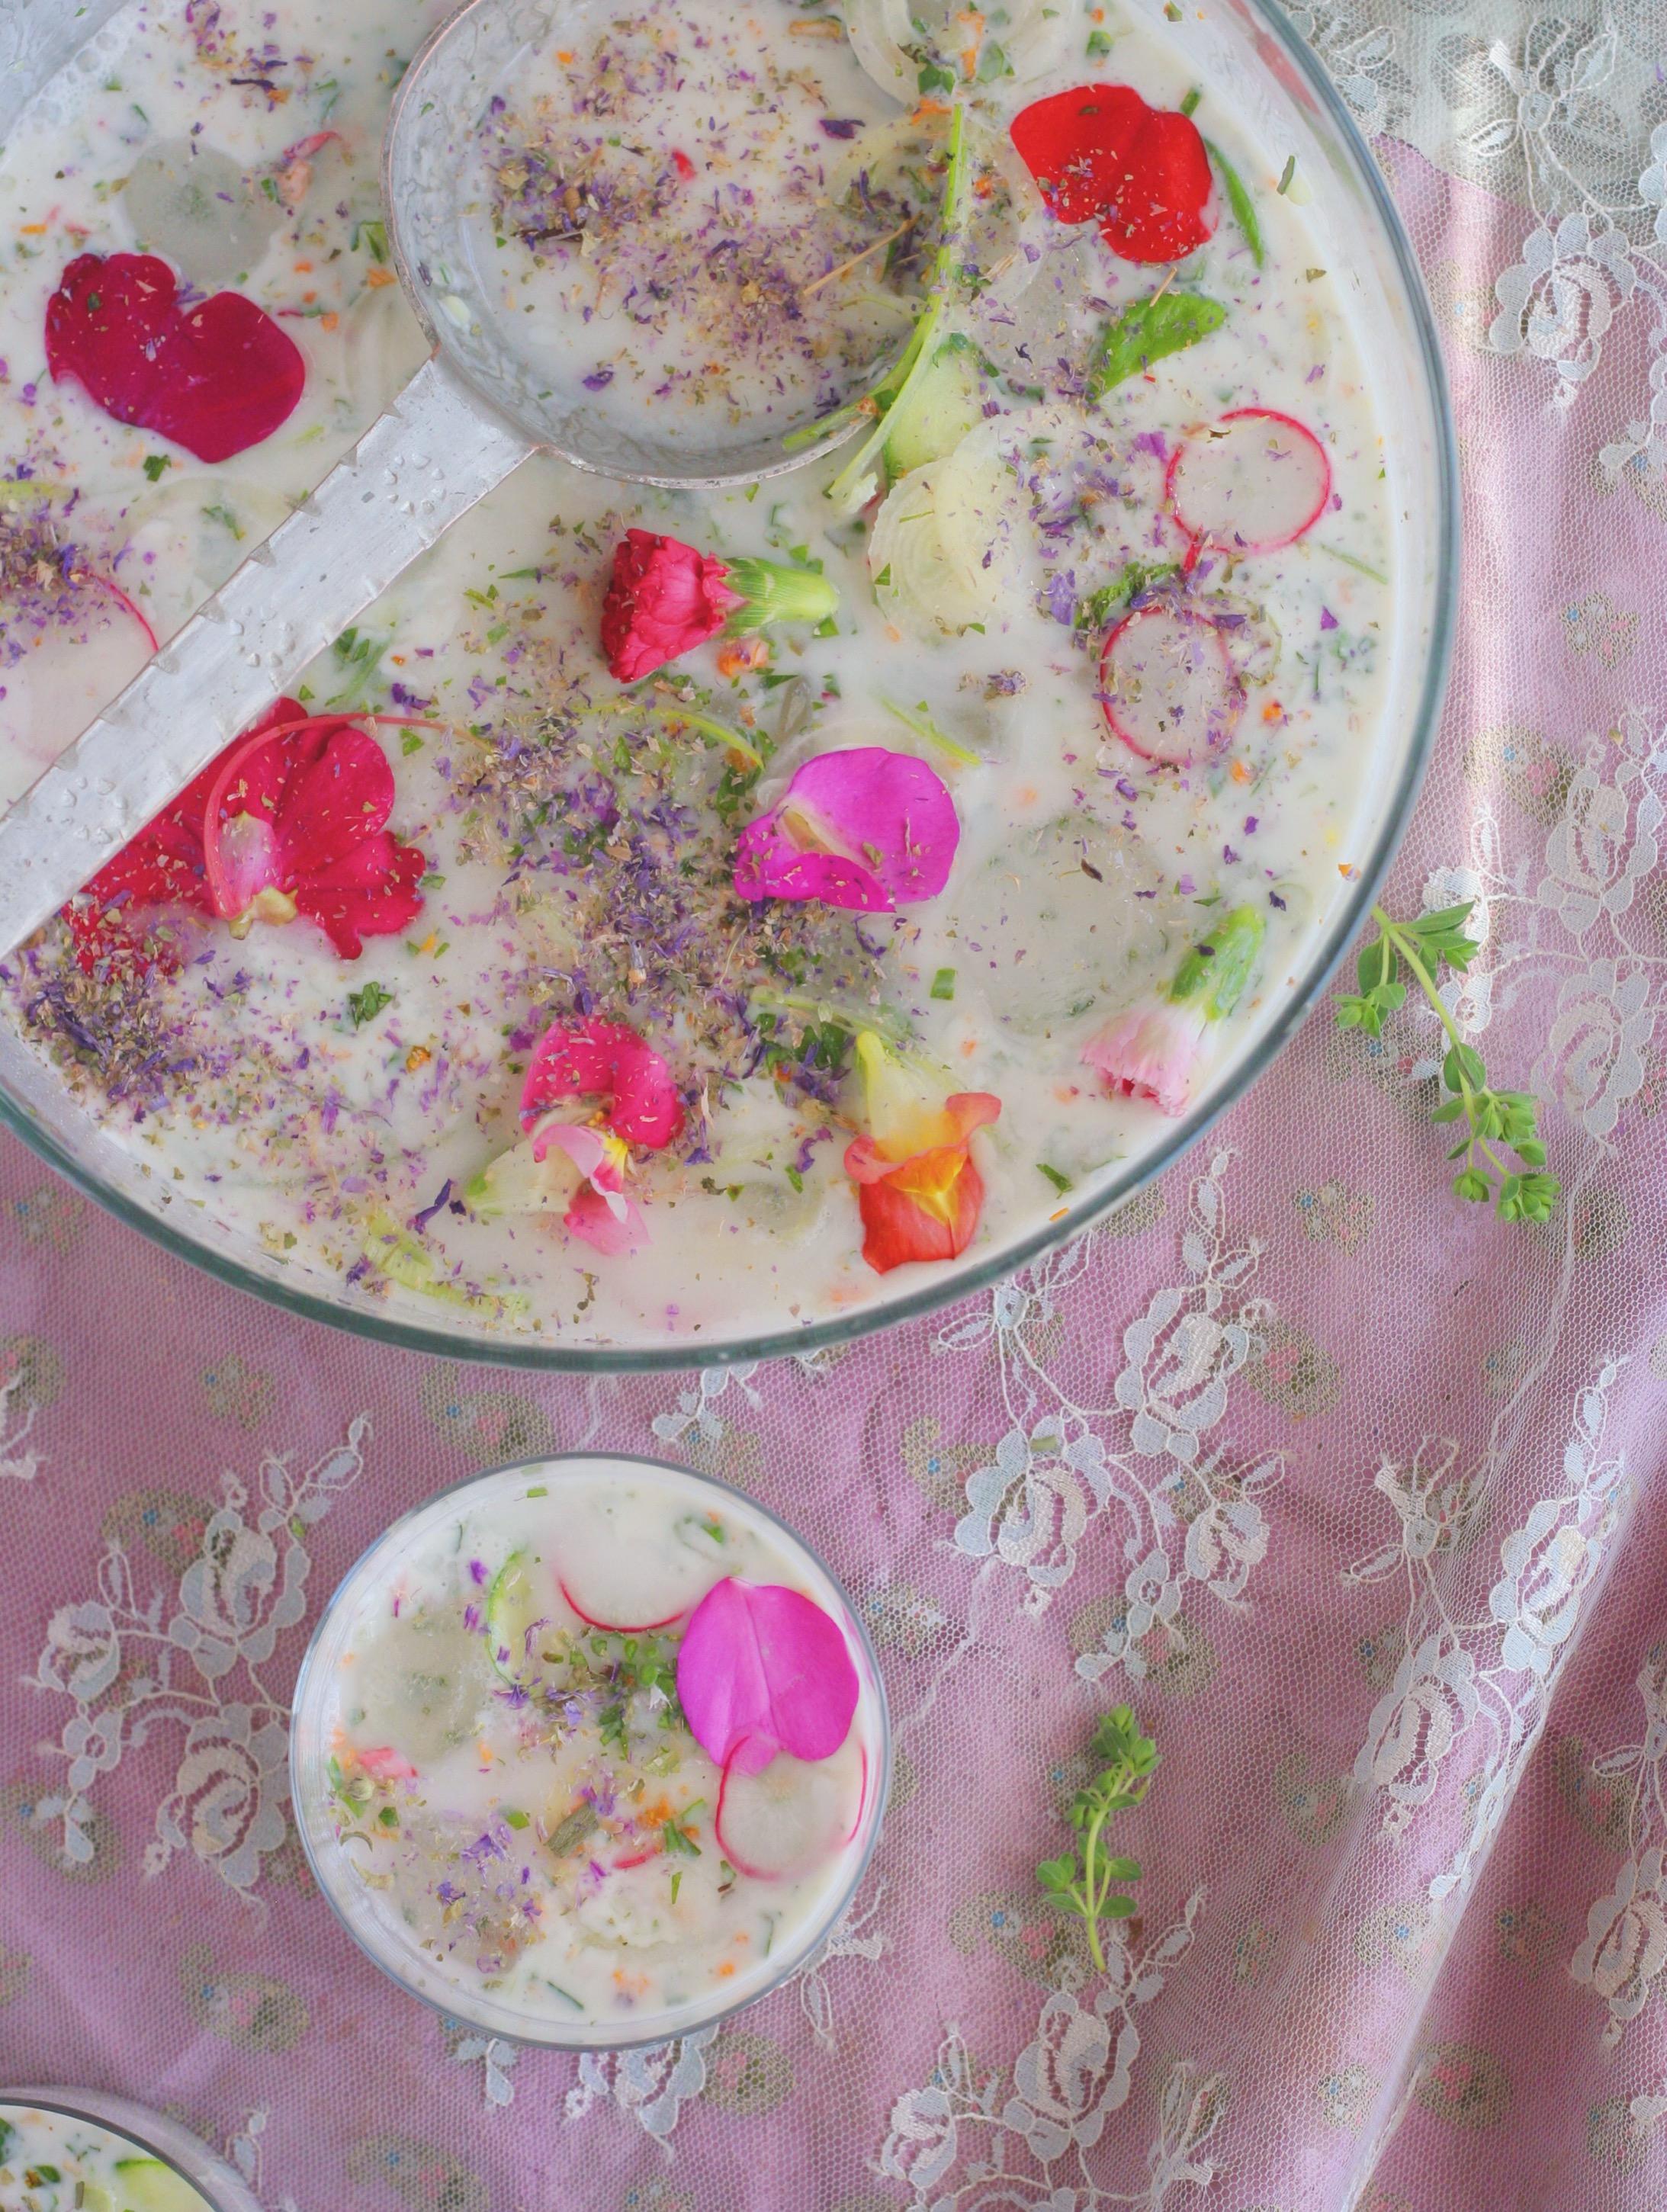 Abdoogh-khiar-yogurt-persian-Noghlemey